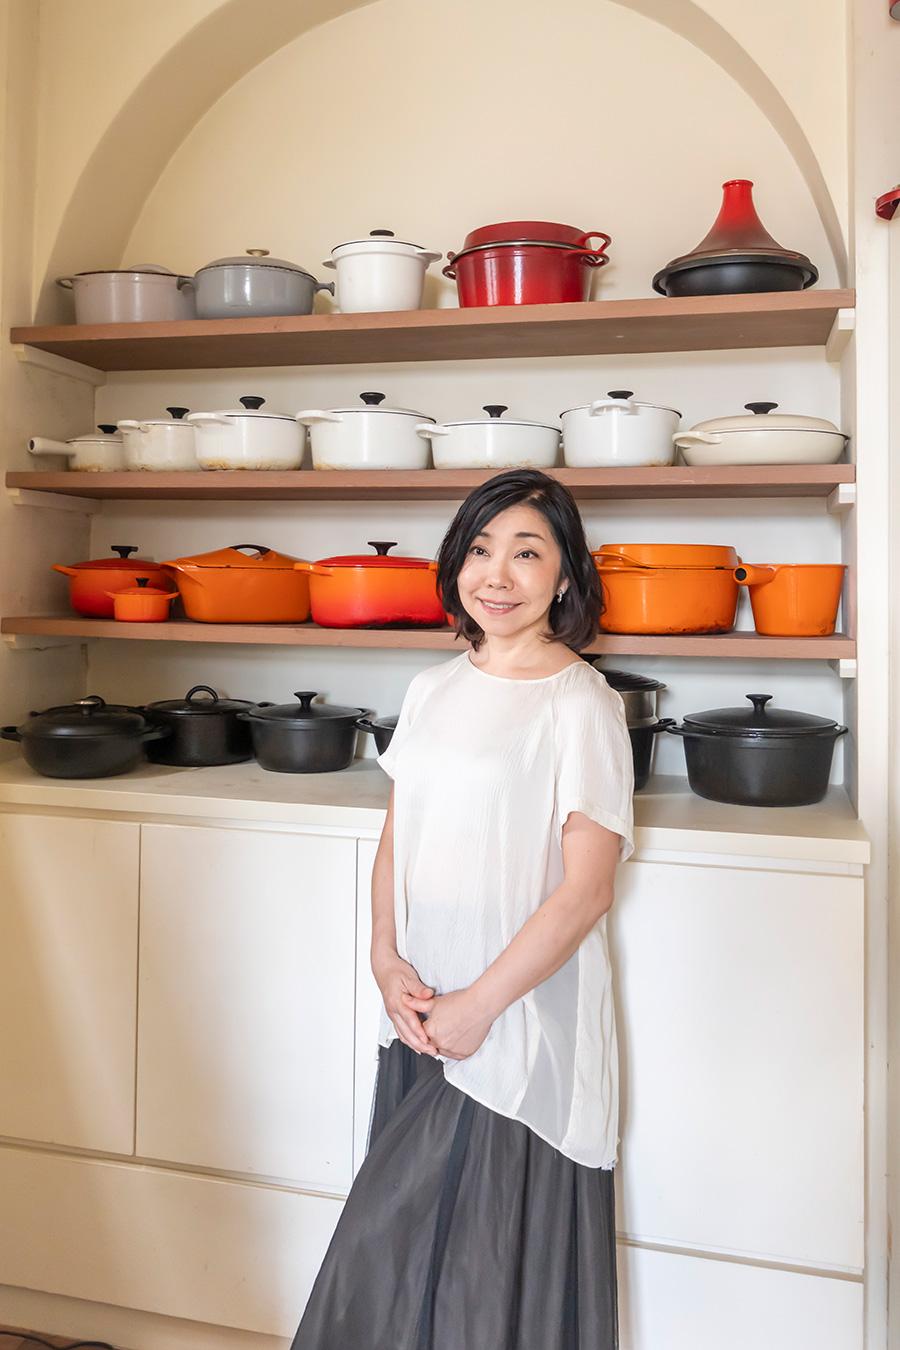 料理研究家・平野由希子さん。大井町のワインバー「8huit.」オーナー。料理教室「cuisine et vin」も開催する。フランス料理をベースにした料理のほか、数々の料理に関する著書も執筆。